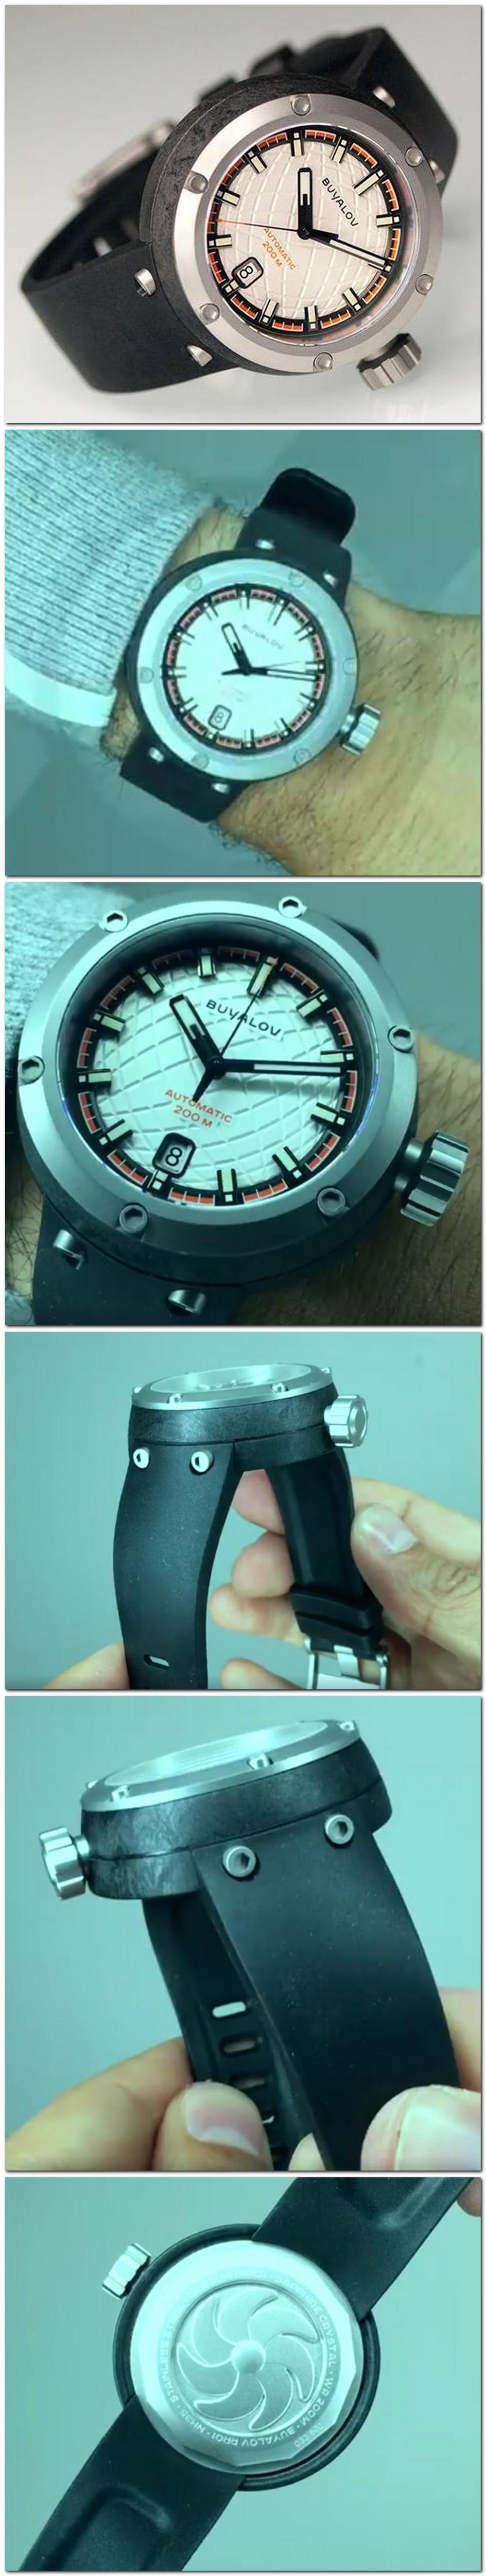 BUYALOV Watches ... lancement prochain 2018-021